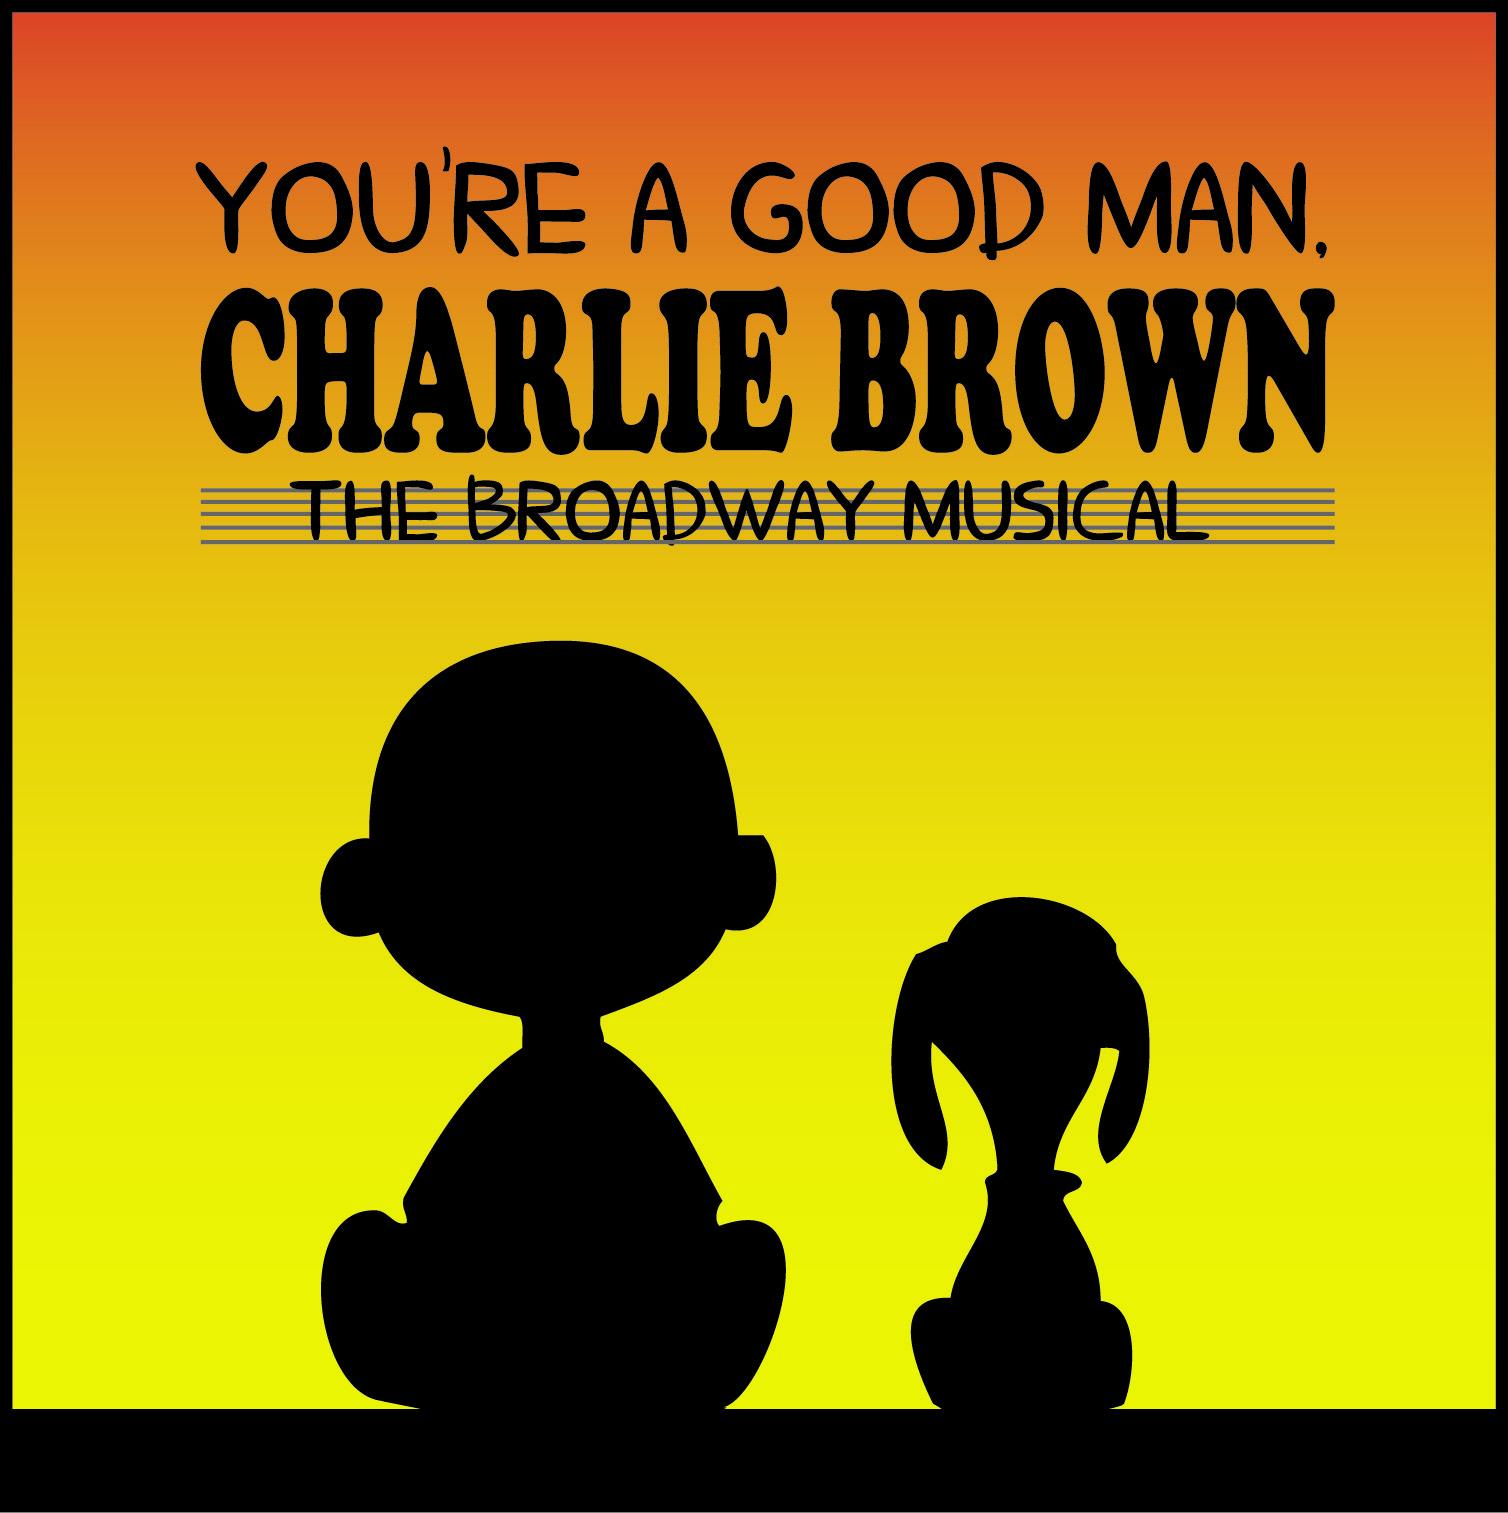 charlie brown musical christmas tree walgreens